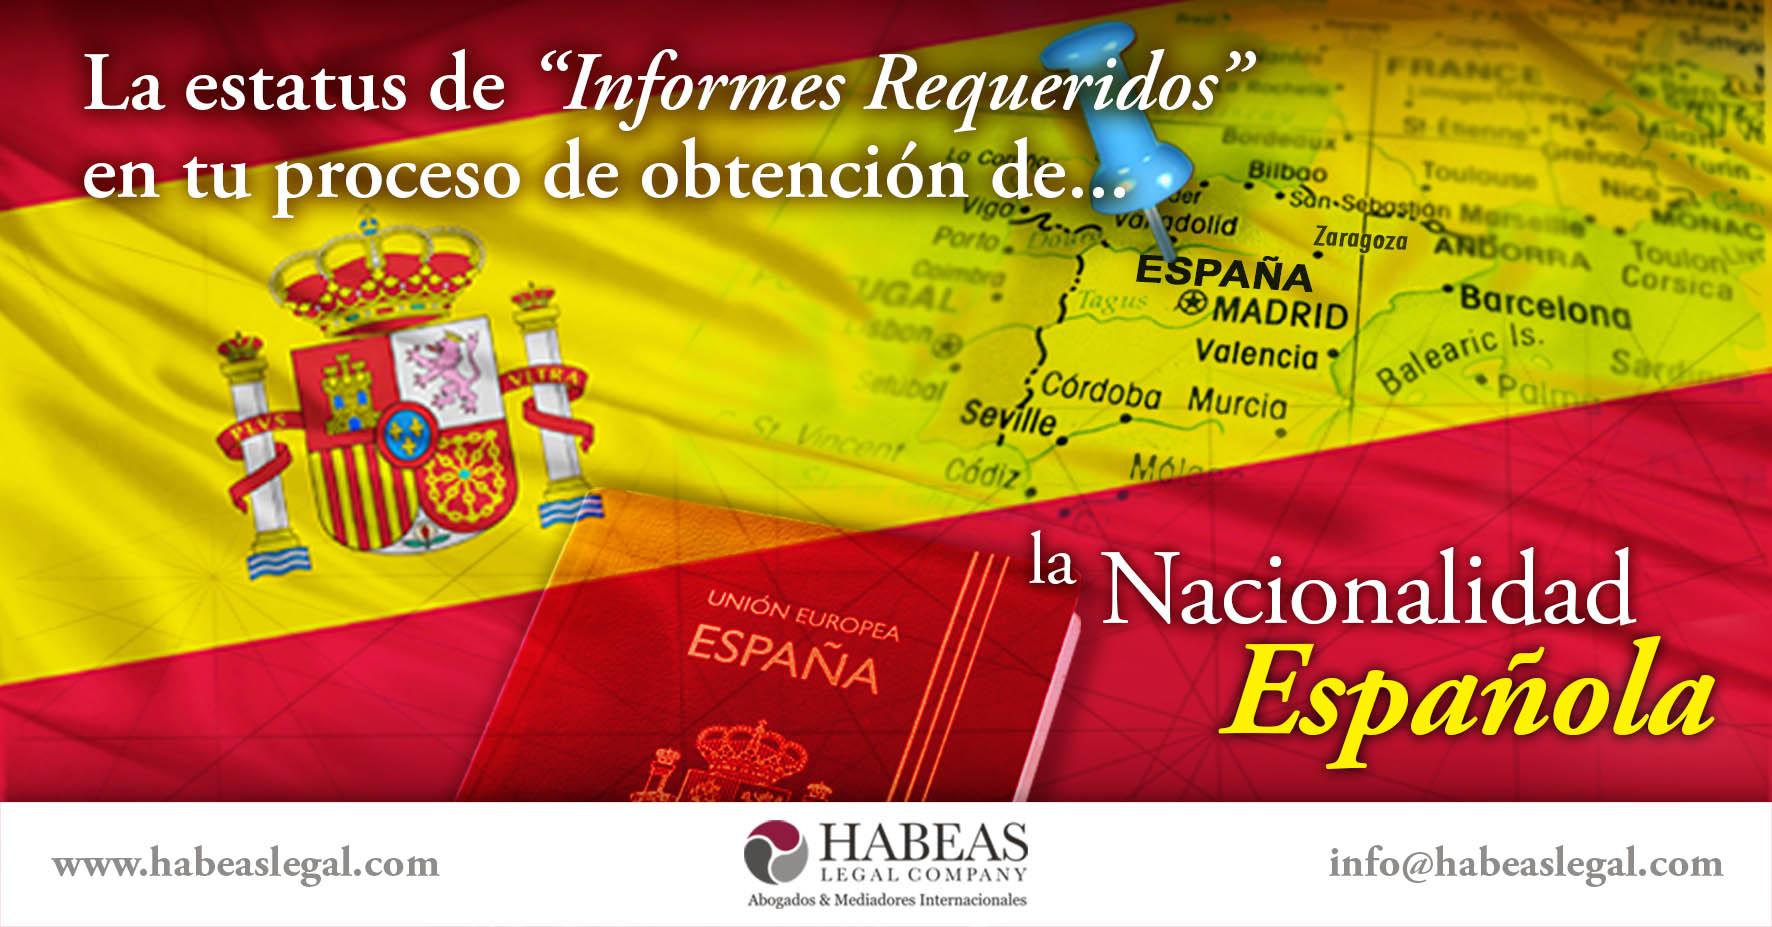 """Nacionalidad española informes requeridos Habeas Legal - ¿Qué hacer cuando aparece """"Informes Requeridos"""" en tu proceso de Nacionalidad Española?"""